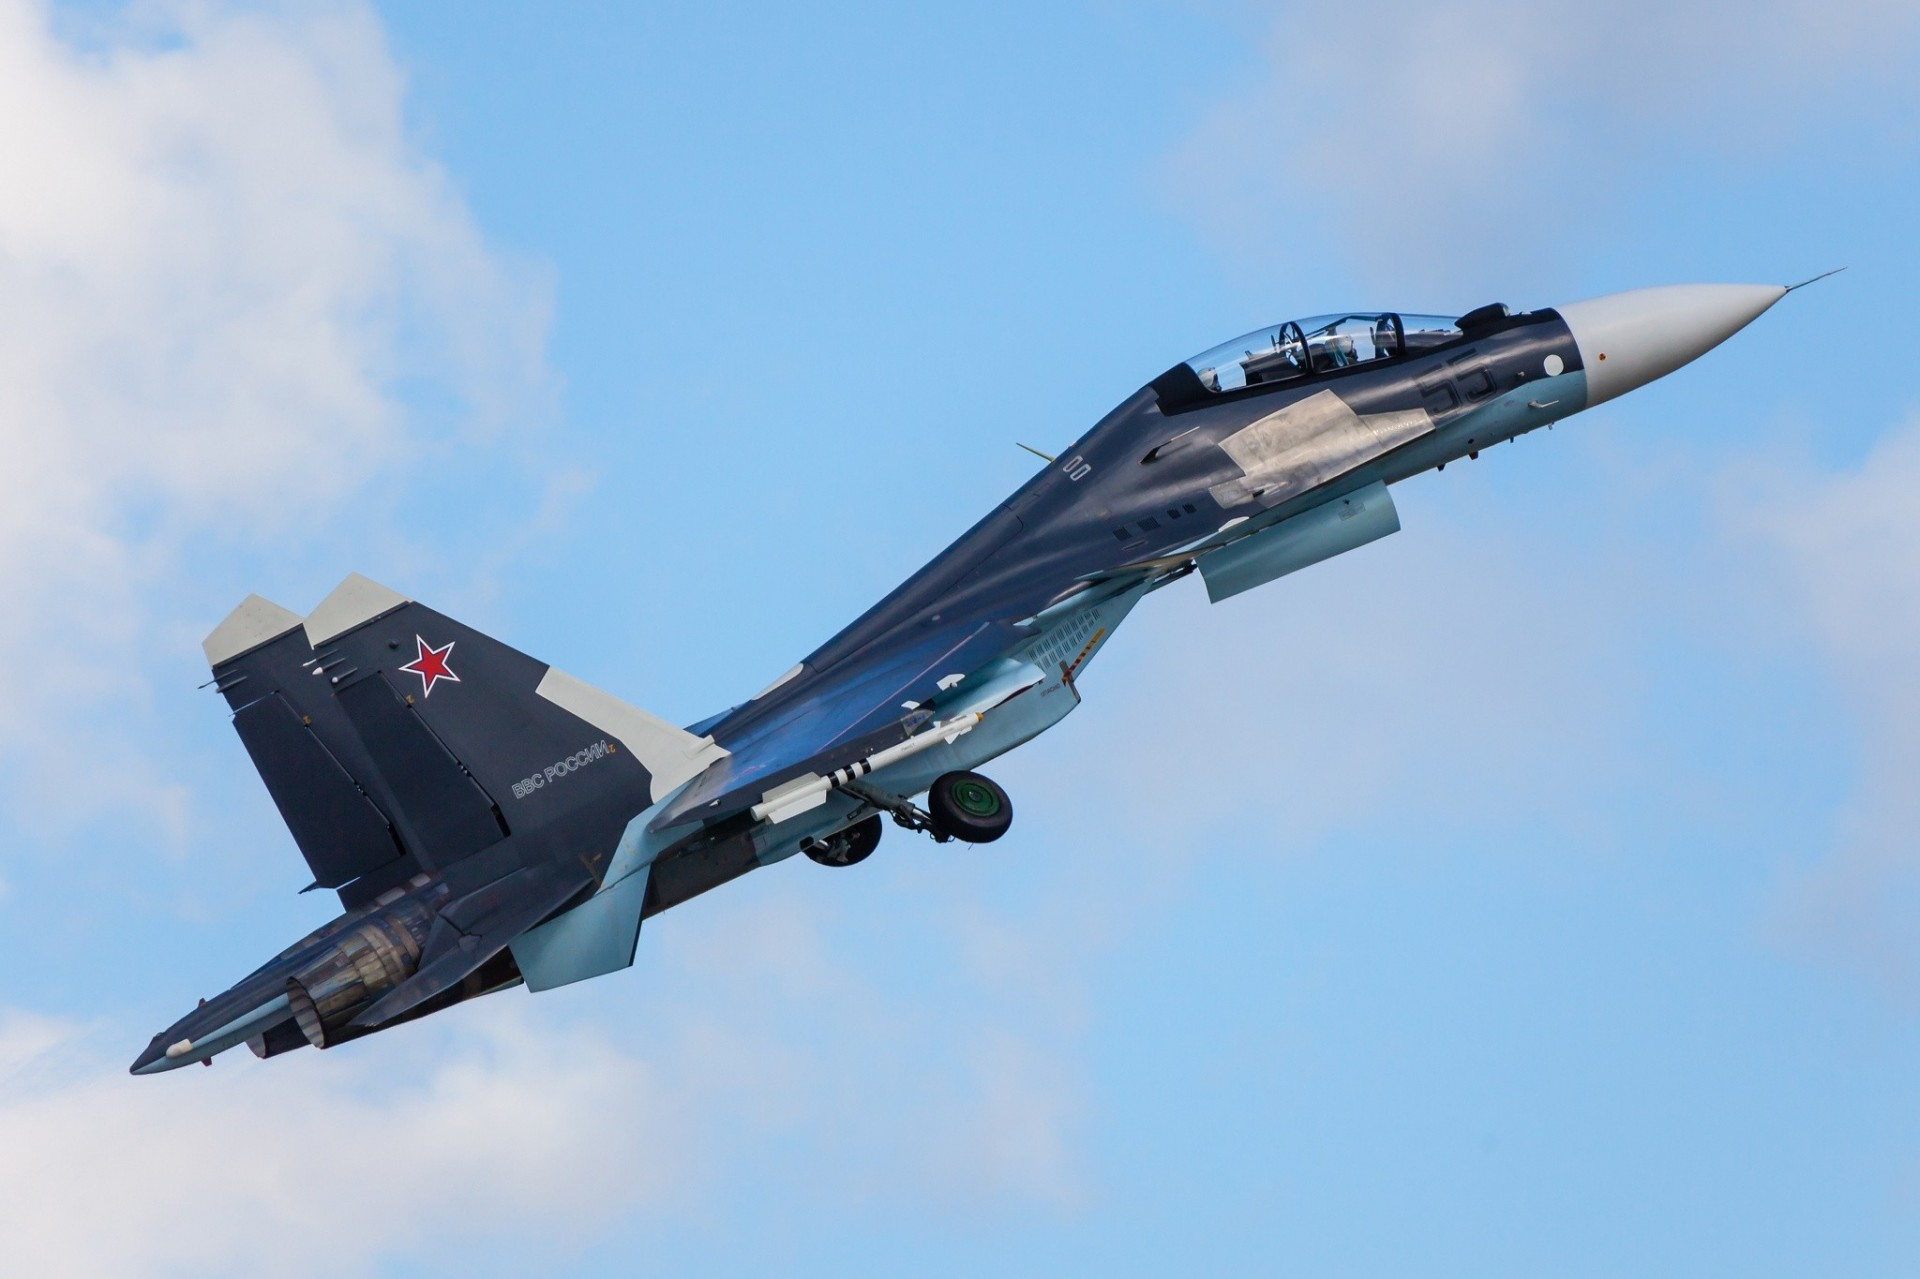 Обои двухместный, Су-30см, многоцелевой, российский. Авиация foto 13